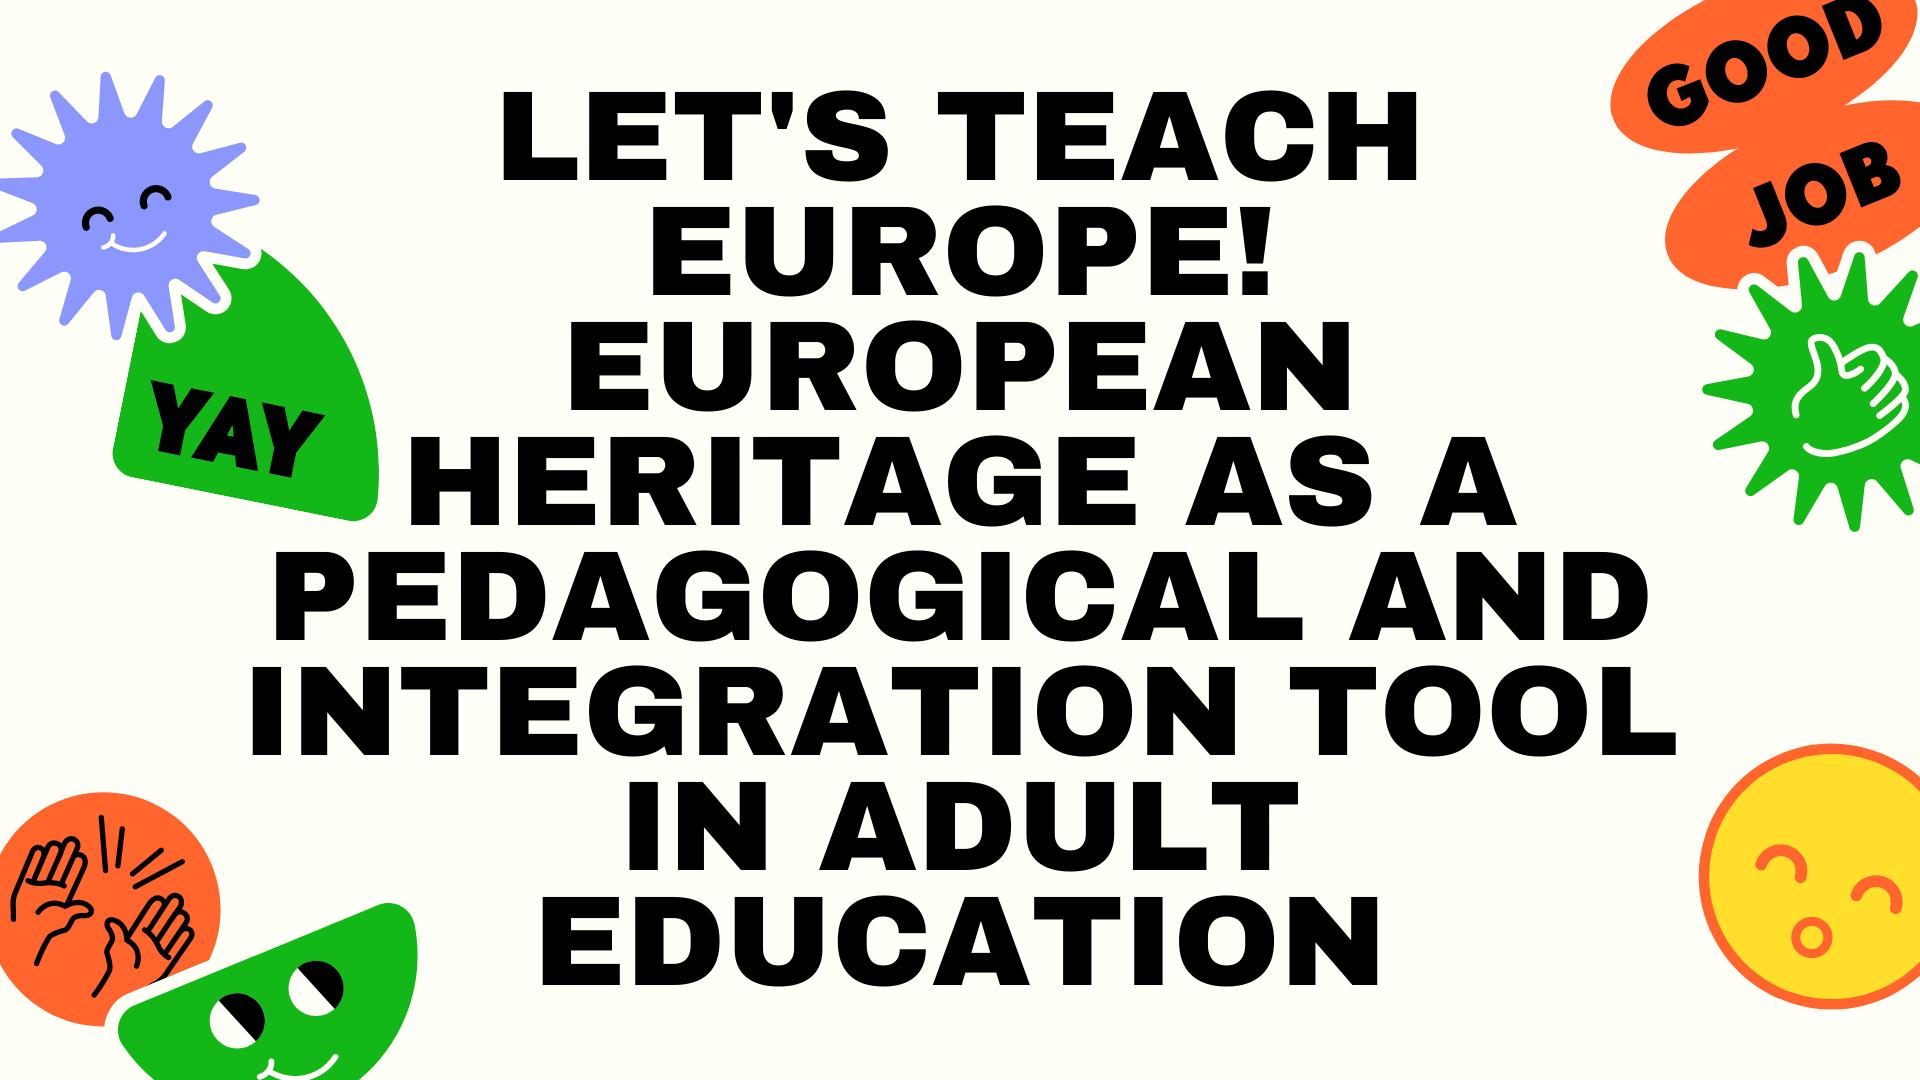 Let's teach Europe! European Heritage as